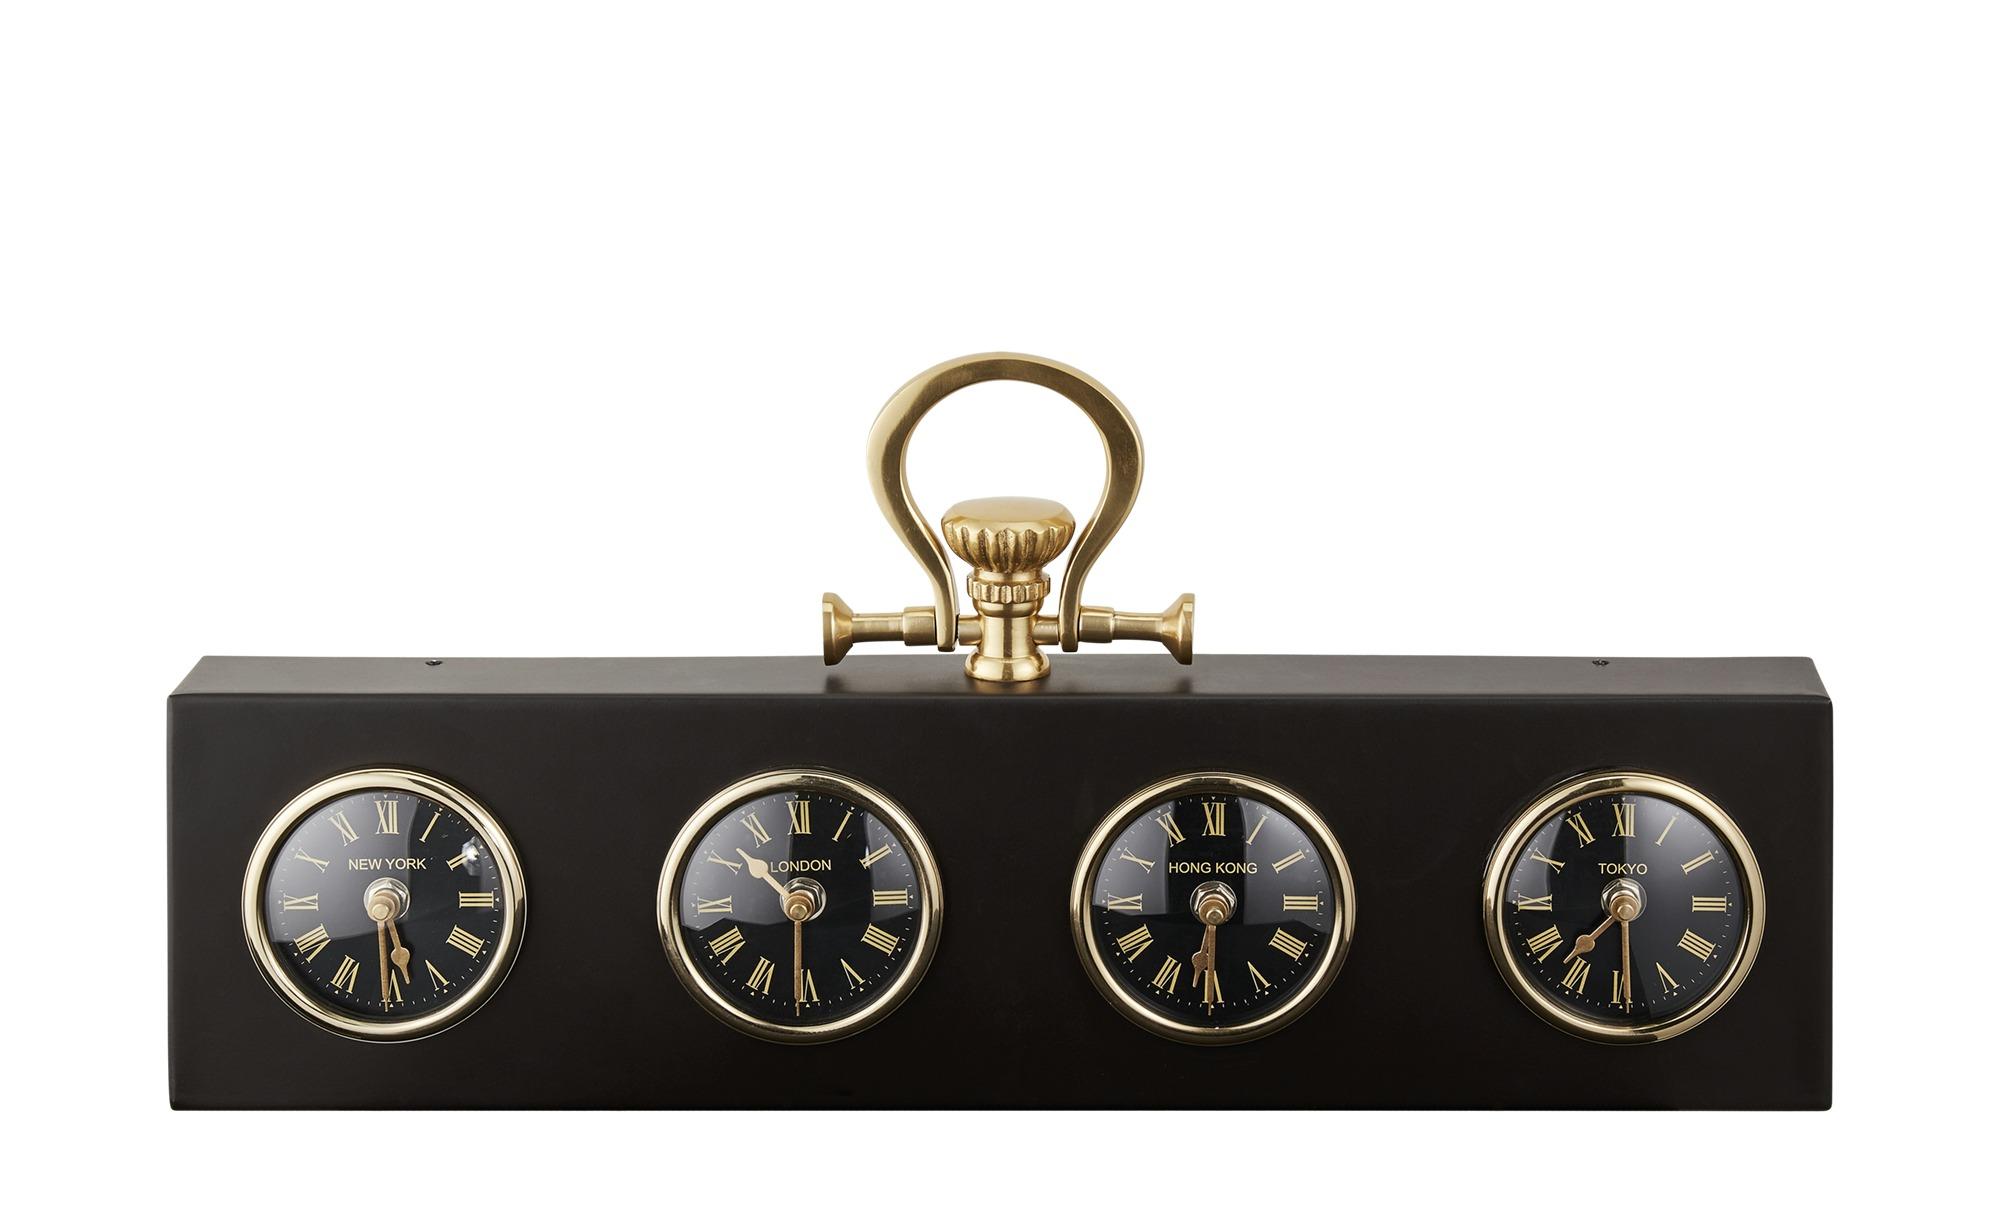 Uhr ¦ gold ¦ Maße (cm): B: 50 H: 24 T: 5 Dekoration > Uhren & Wetterstationen - Höffner | Baumarkt > Heizung und Klima > Klimageräte | Möbel Höffner DE